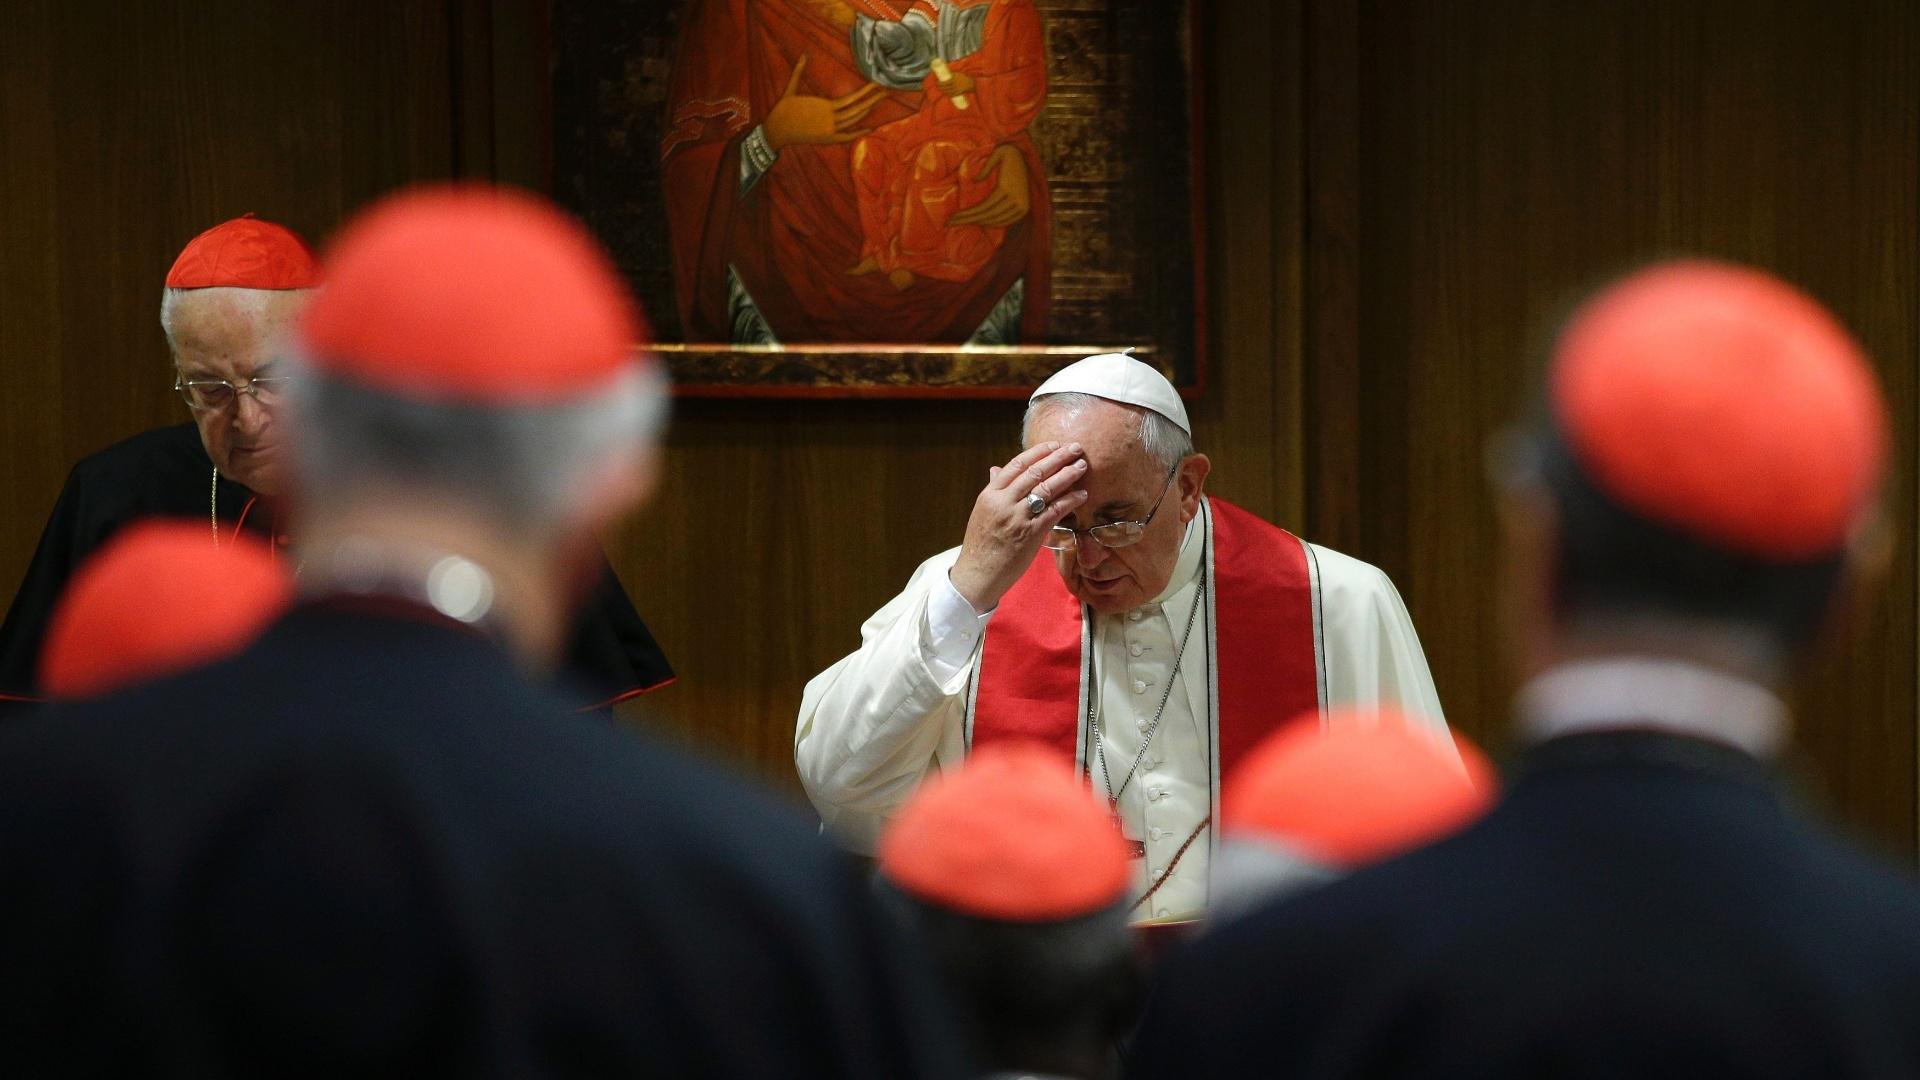 20.out.2014 - Papa Francisco faz o sinal da cruz durante consistório para a beatificação de Giuseppe Vaz e Maria Cristina dell'Immacolata Concezione na Sala do Sínodo, no Vaticano, nesta segunda-feira (20)